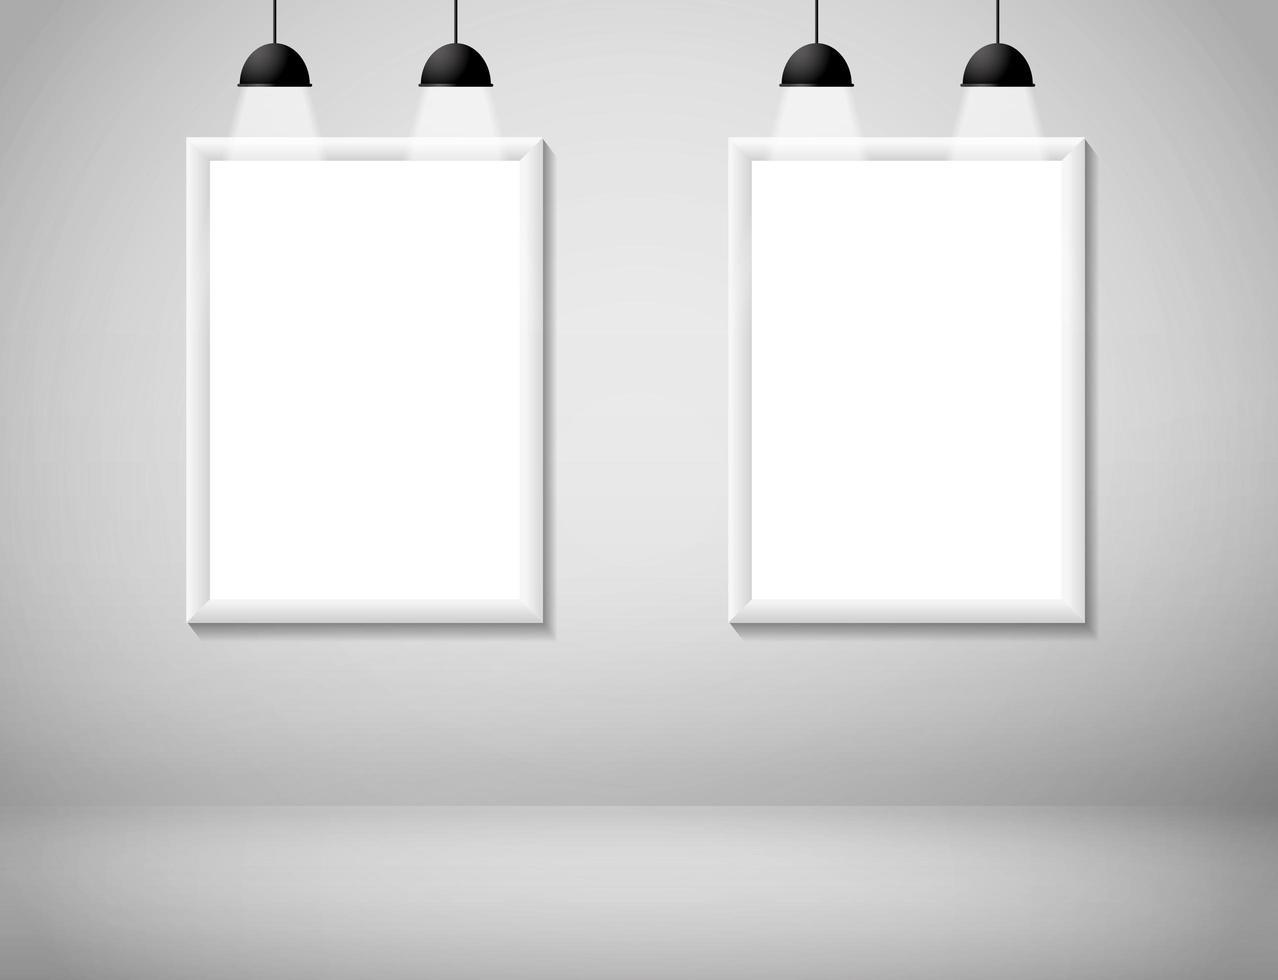 quadros brancos em branco na parede vetor